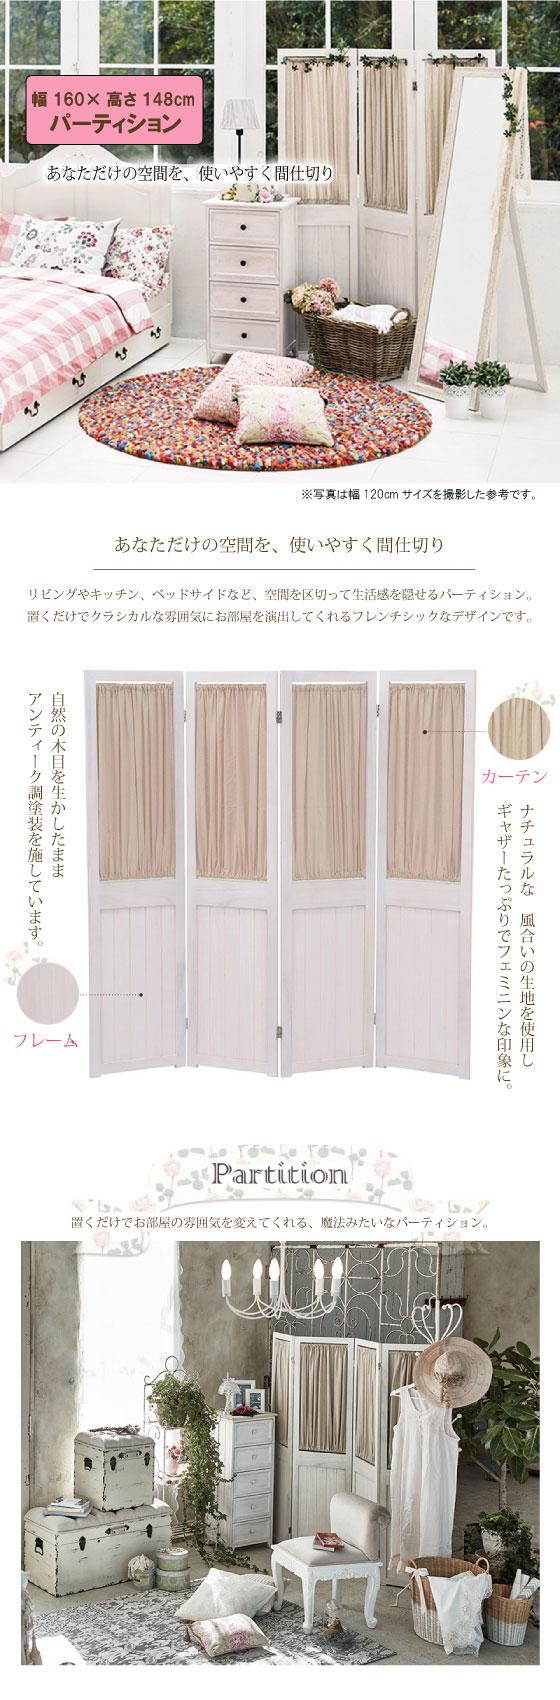 高さ148cm・天然木桐製4連パーティション(完成品)